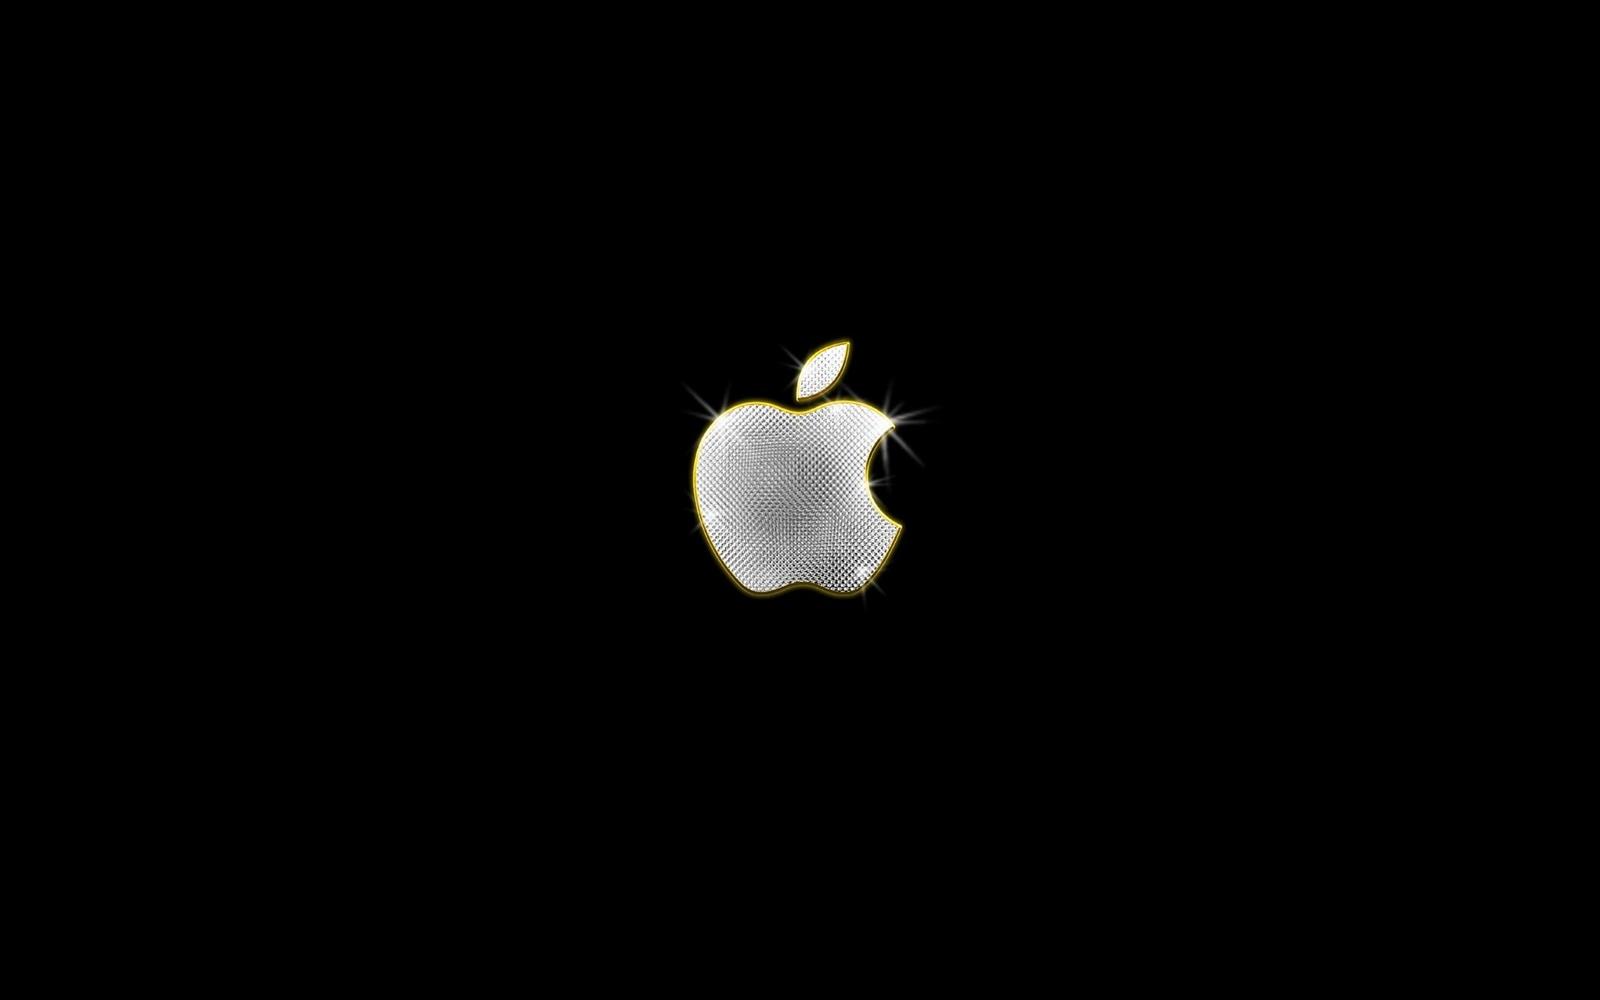 bonewallpaper   best desktop hd wallpapers apple company